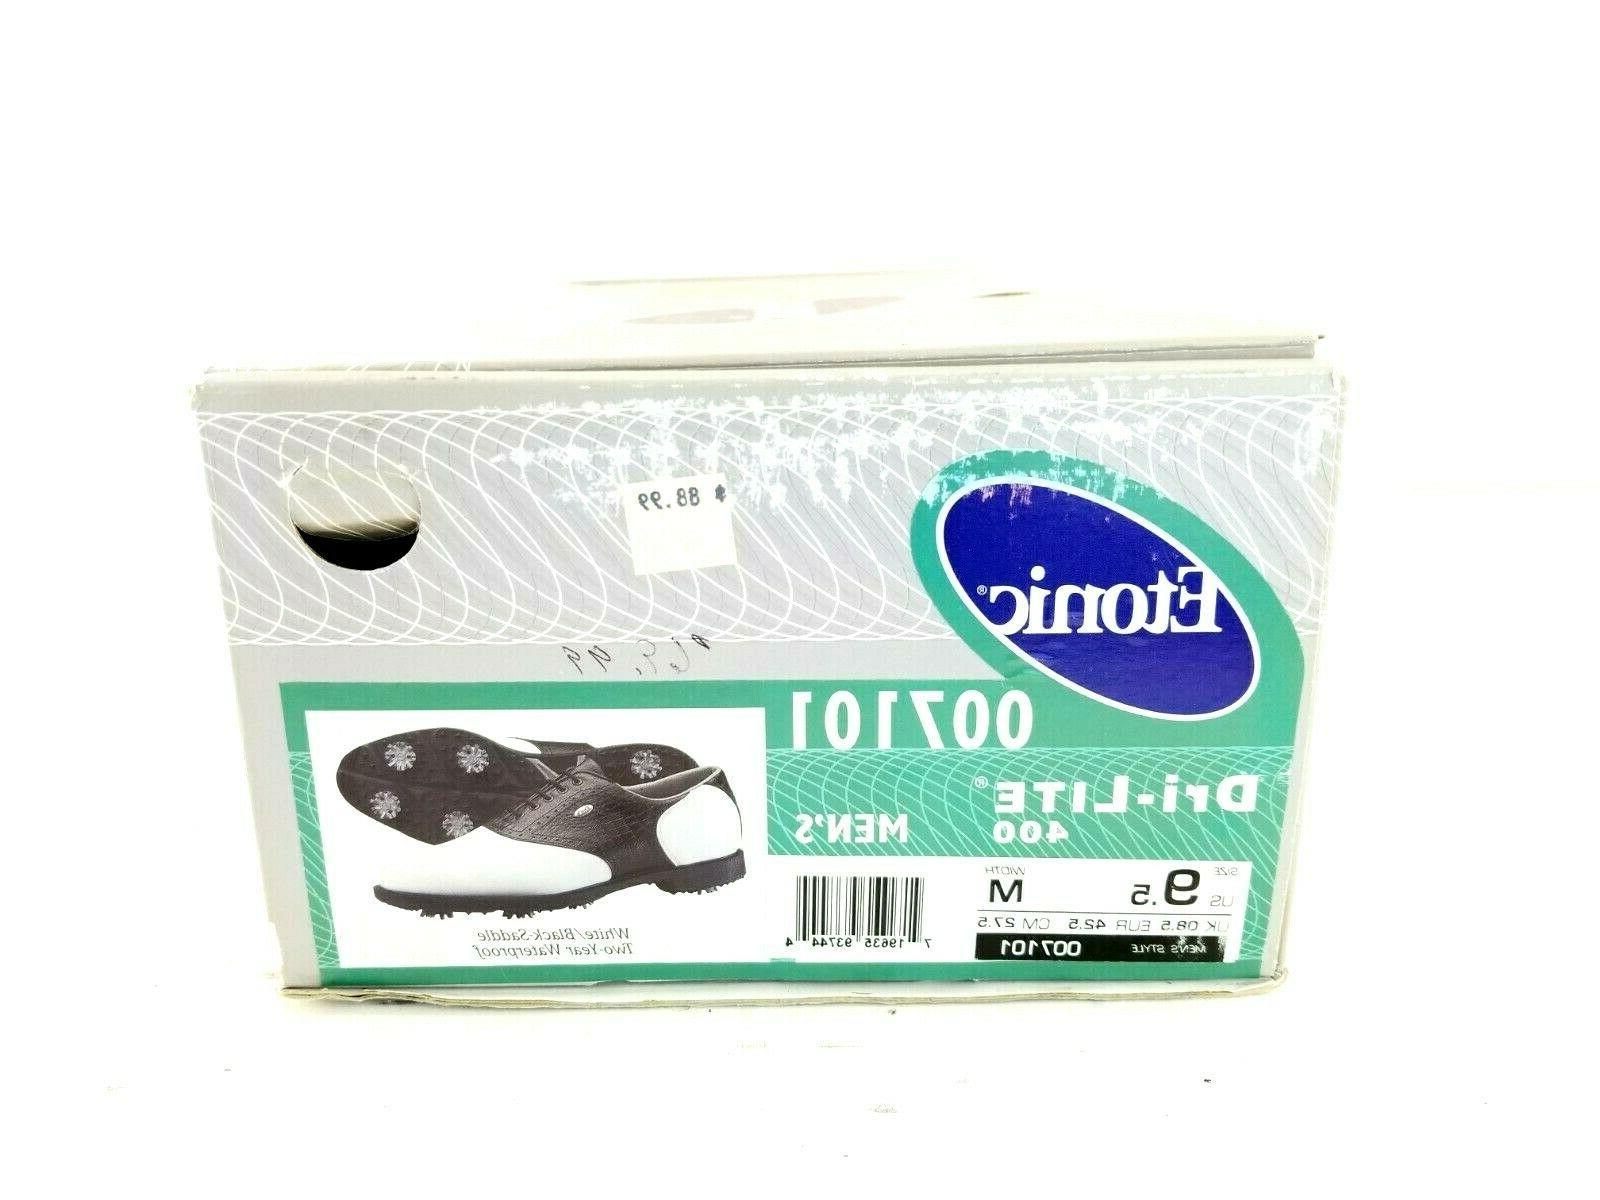 Etonic Mens 400 Shoes